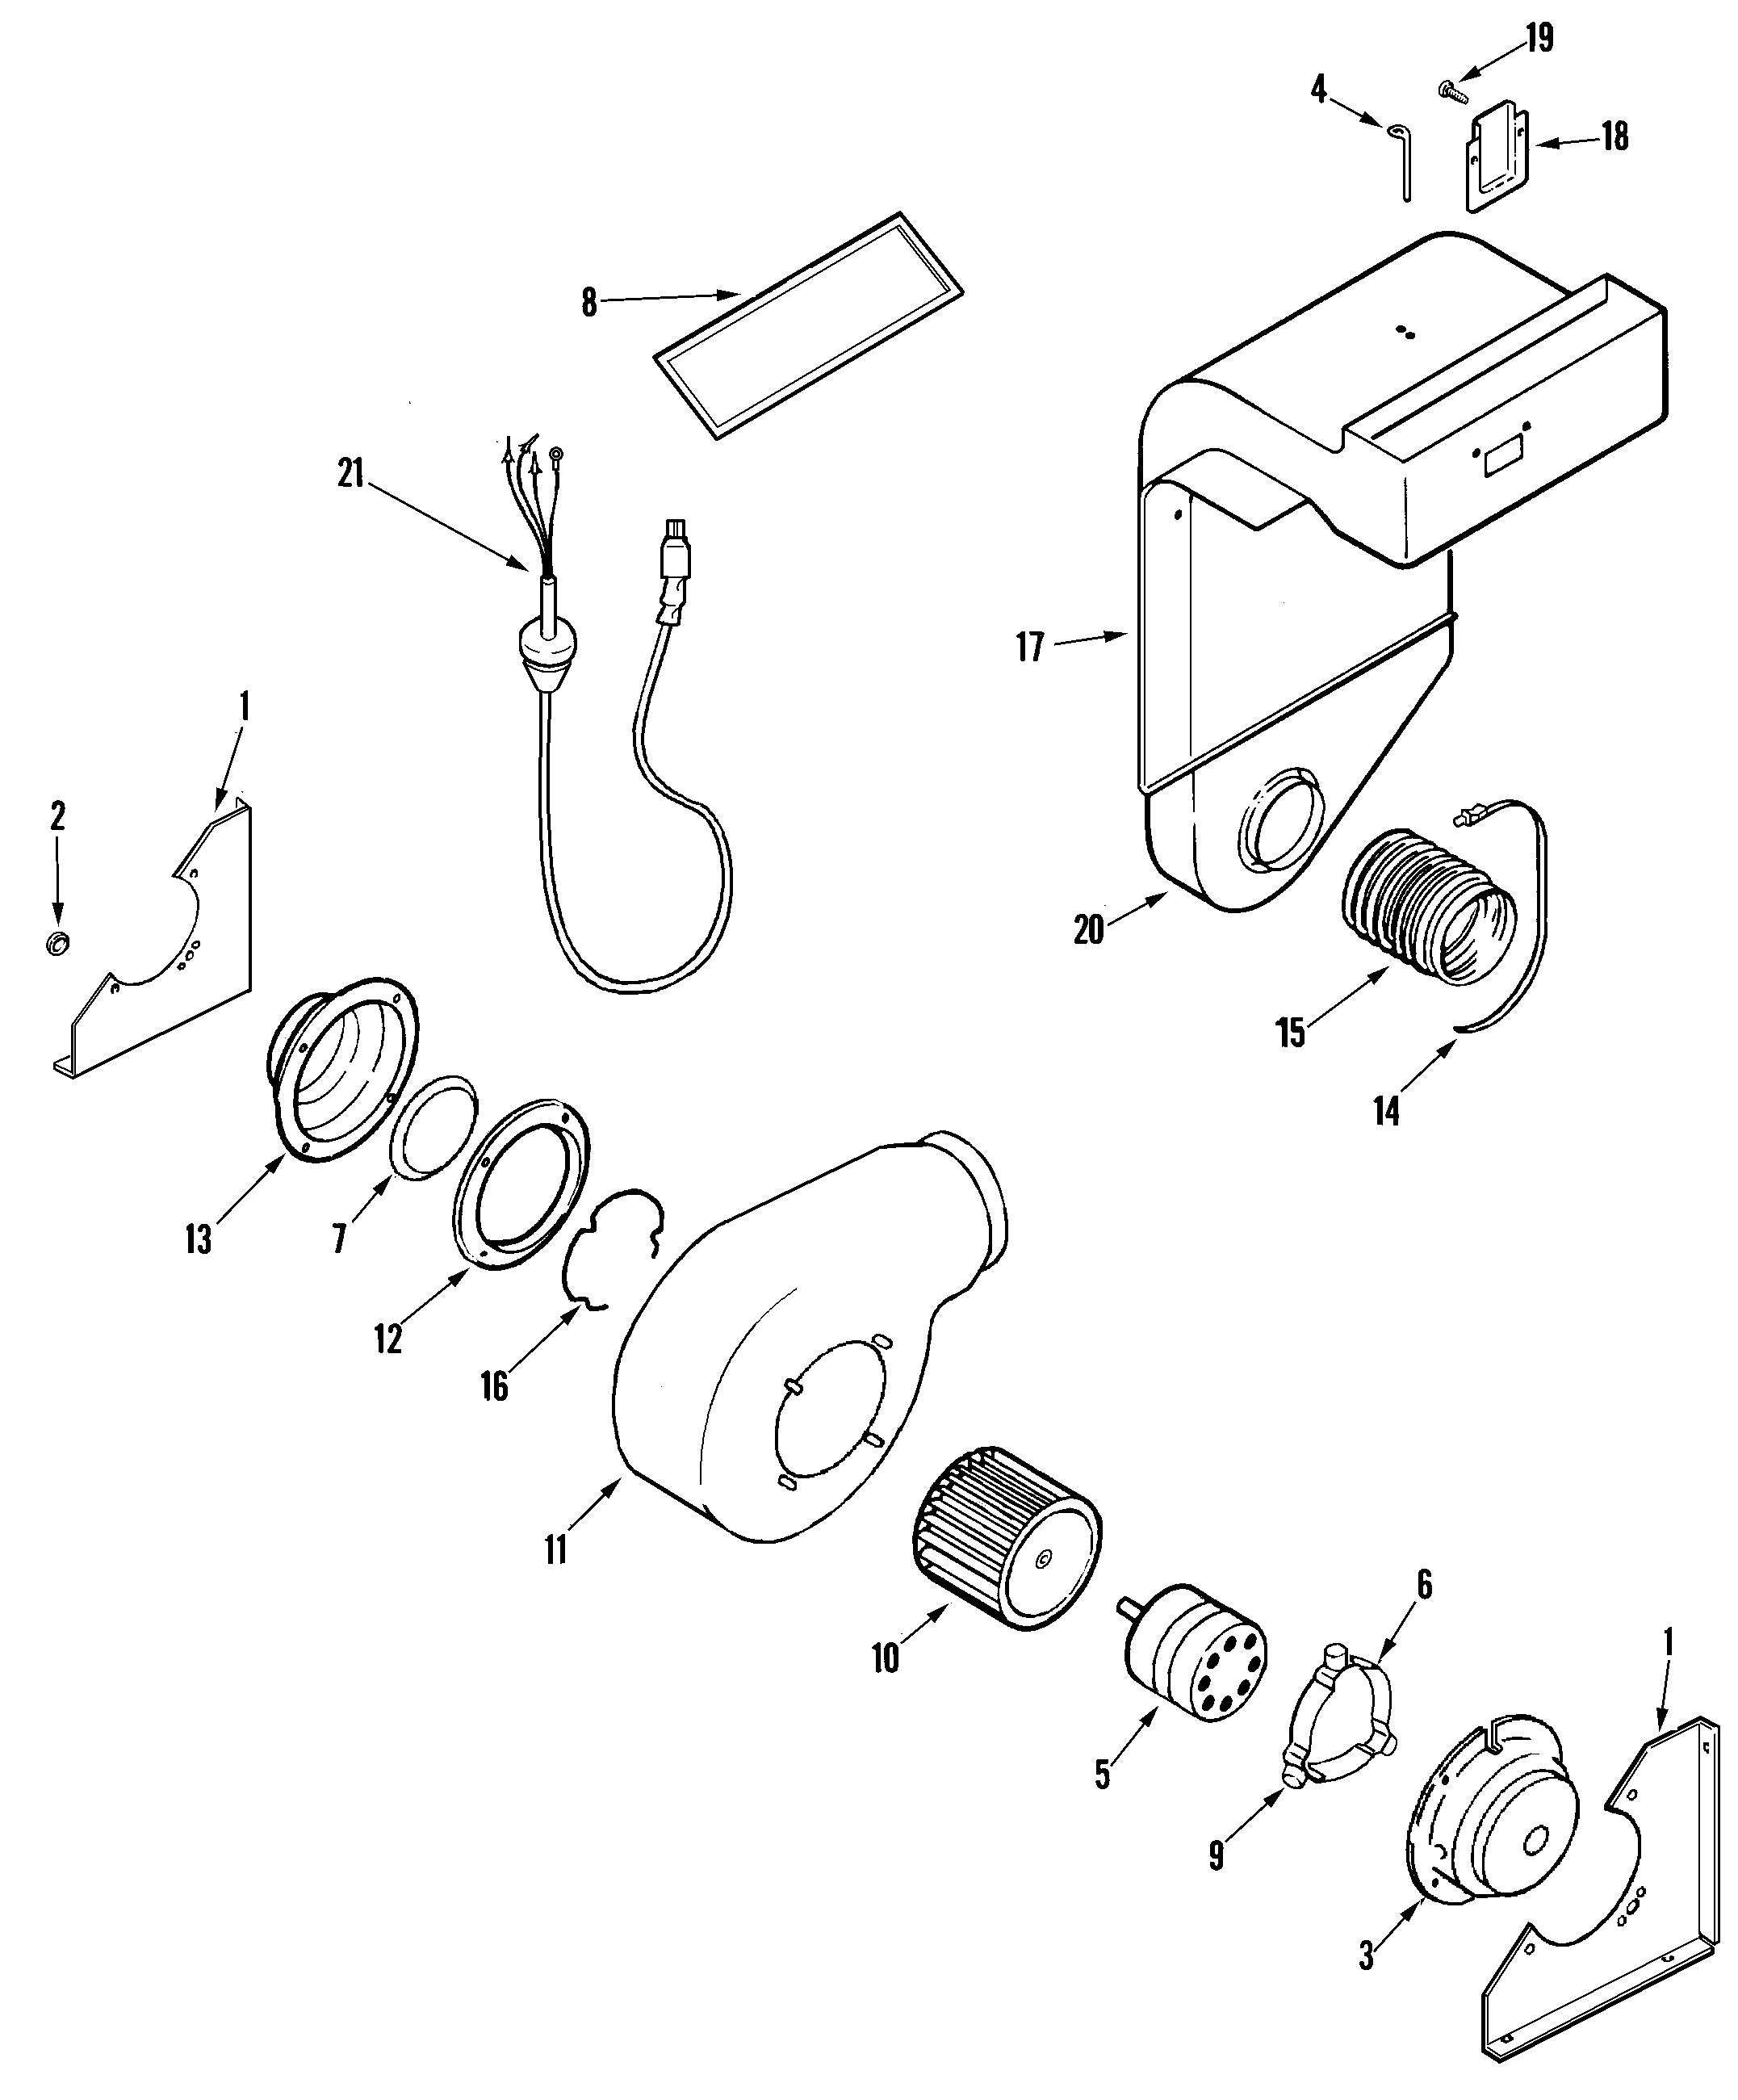 JENN-AIR Electric Range Control panel/top assembl